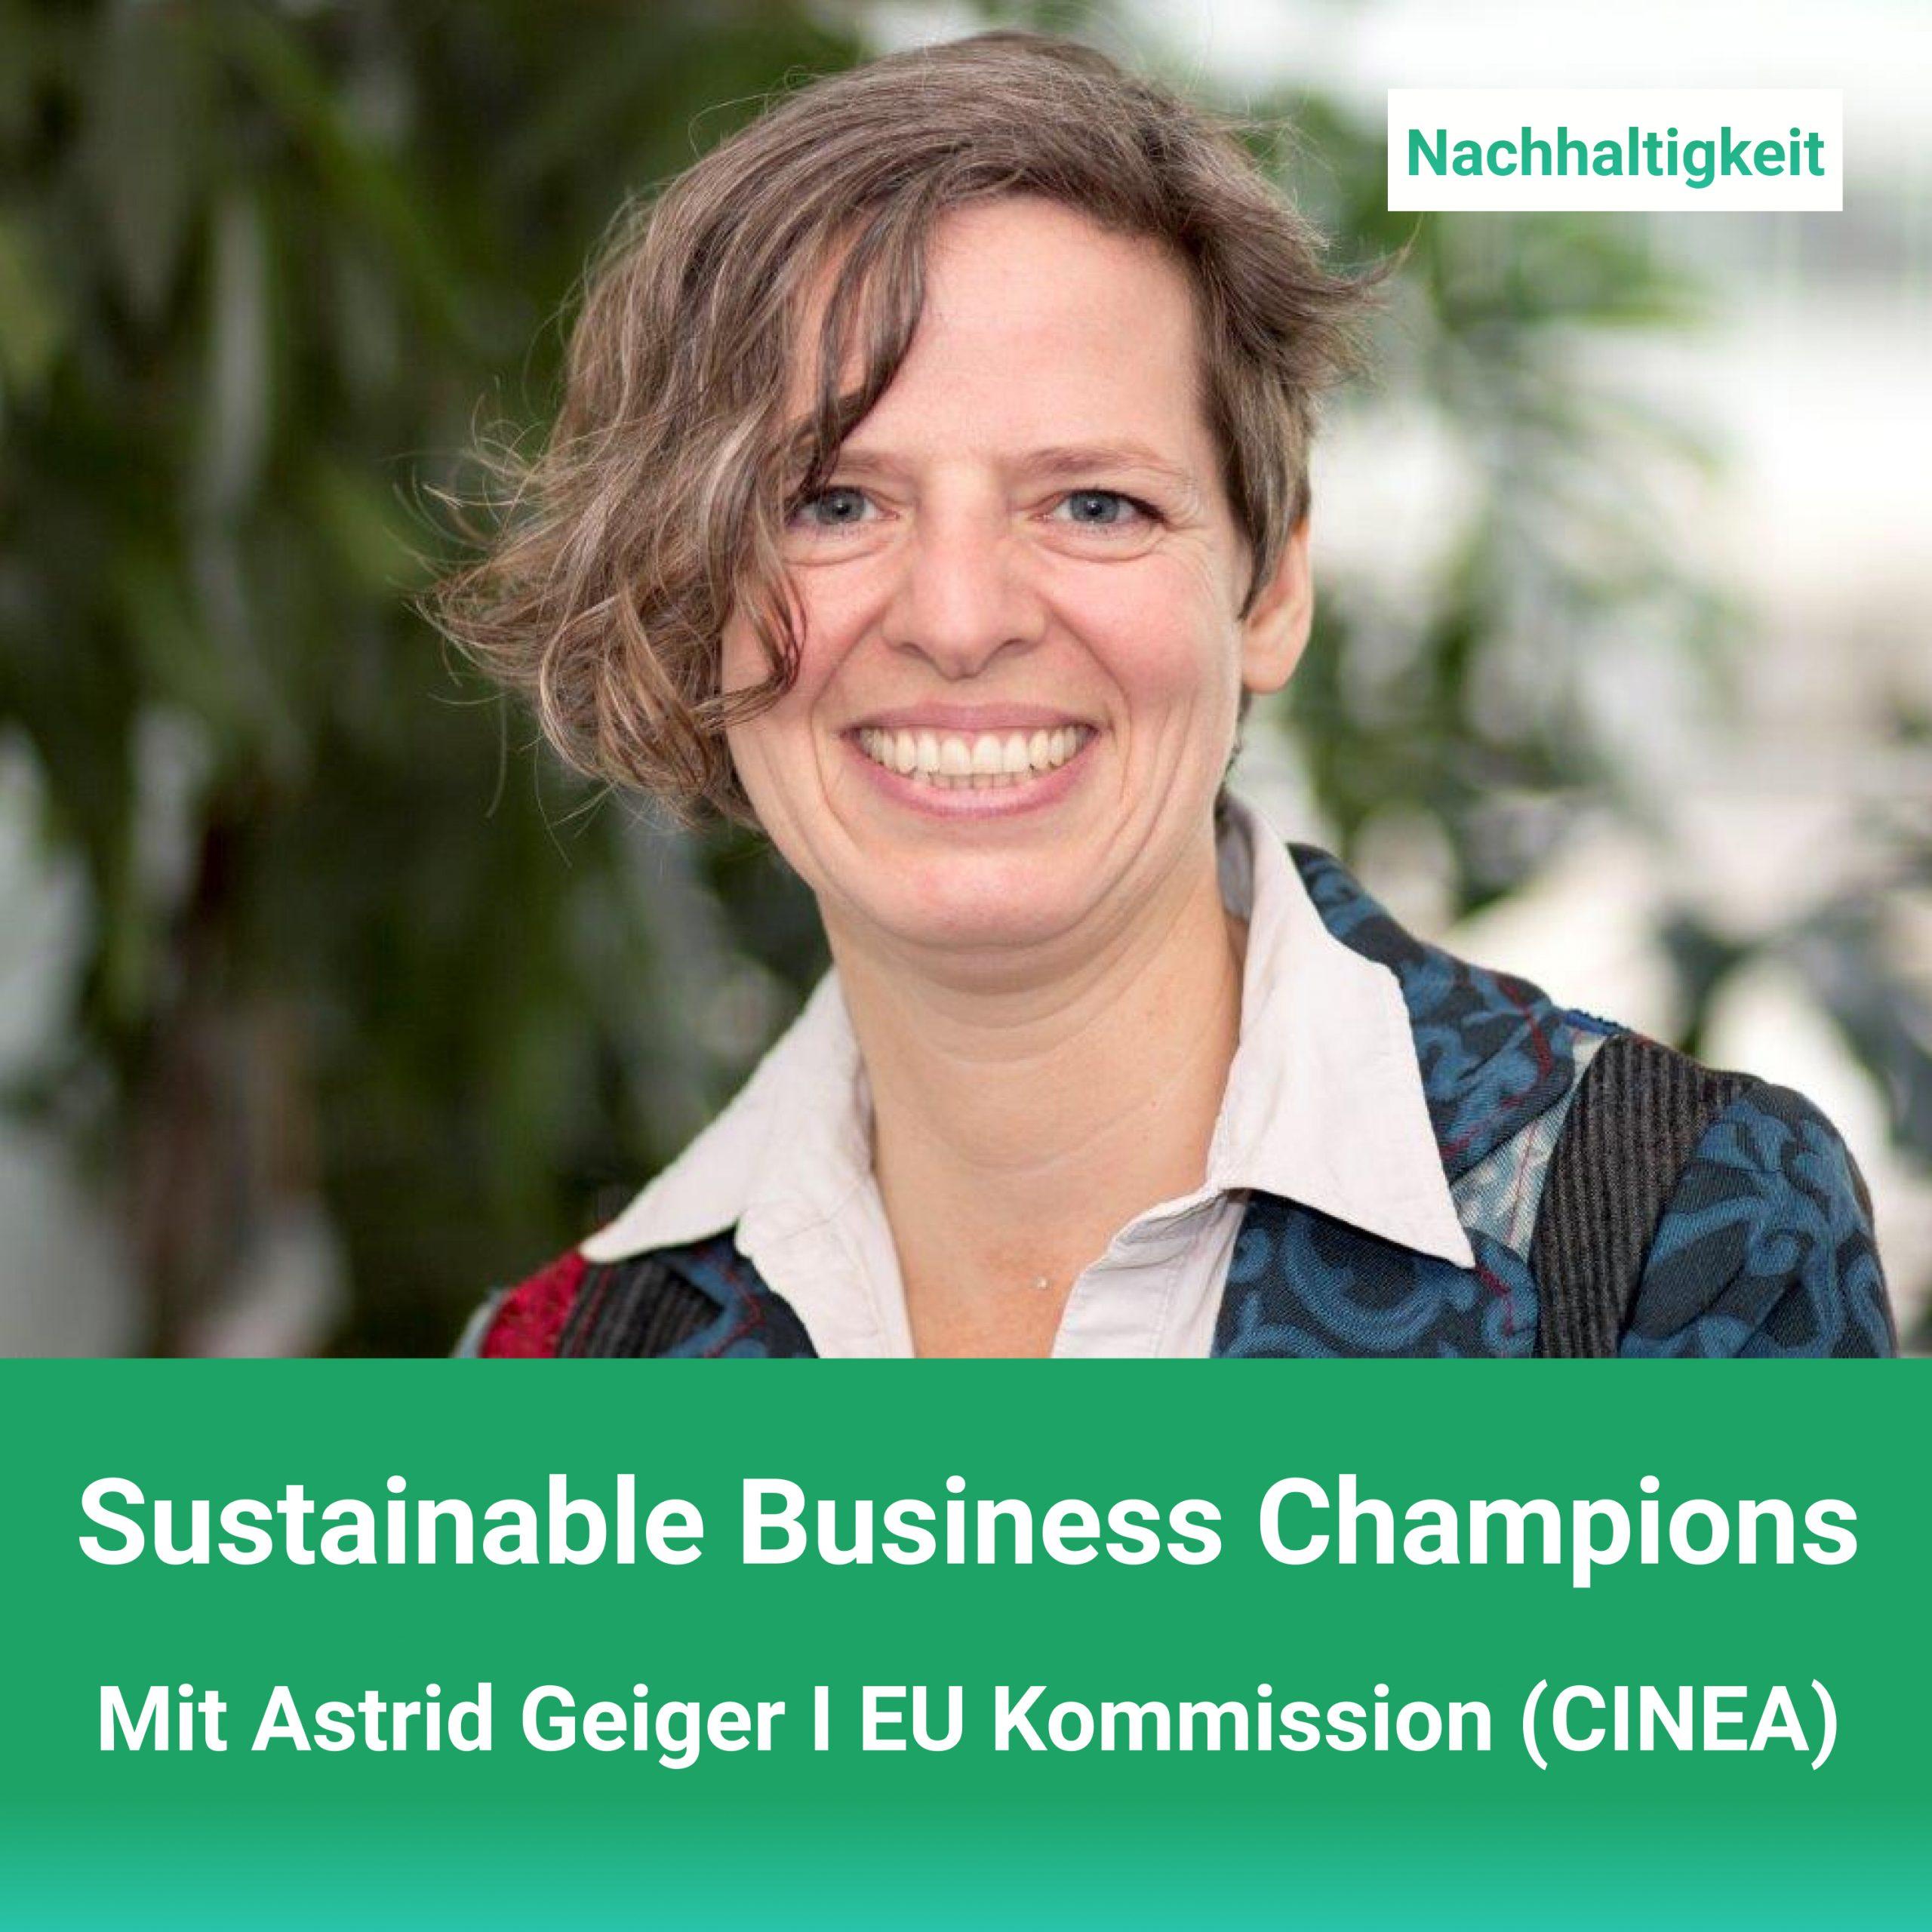 Fördermittel für Nachhaltigkeit in Unternehmen